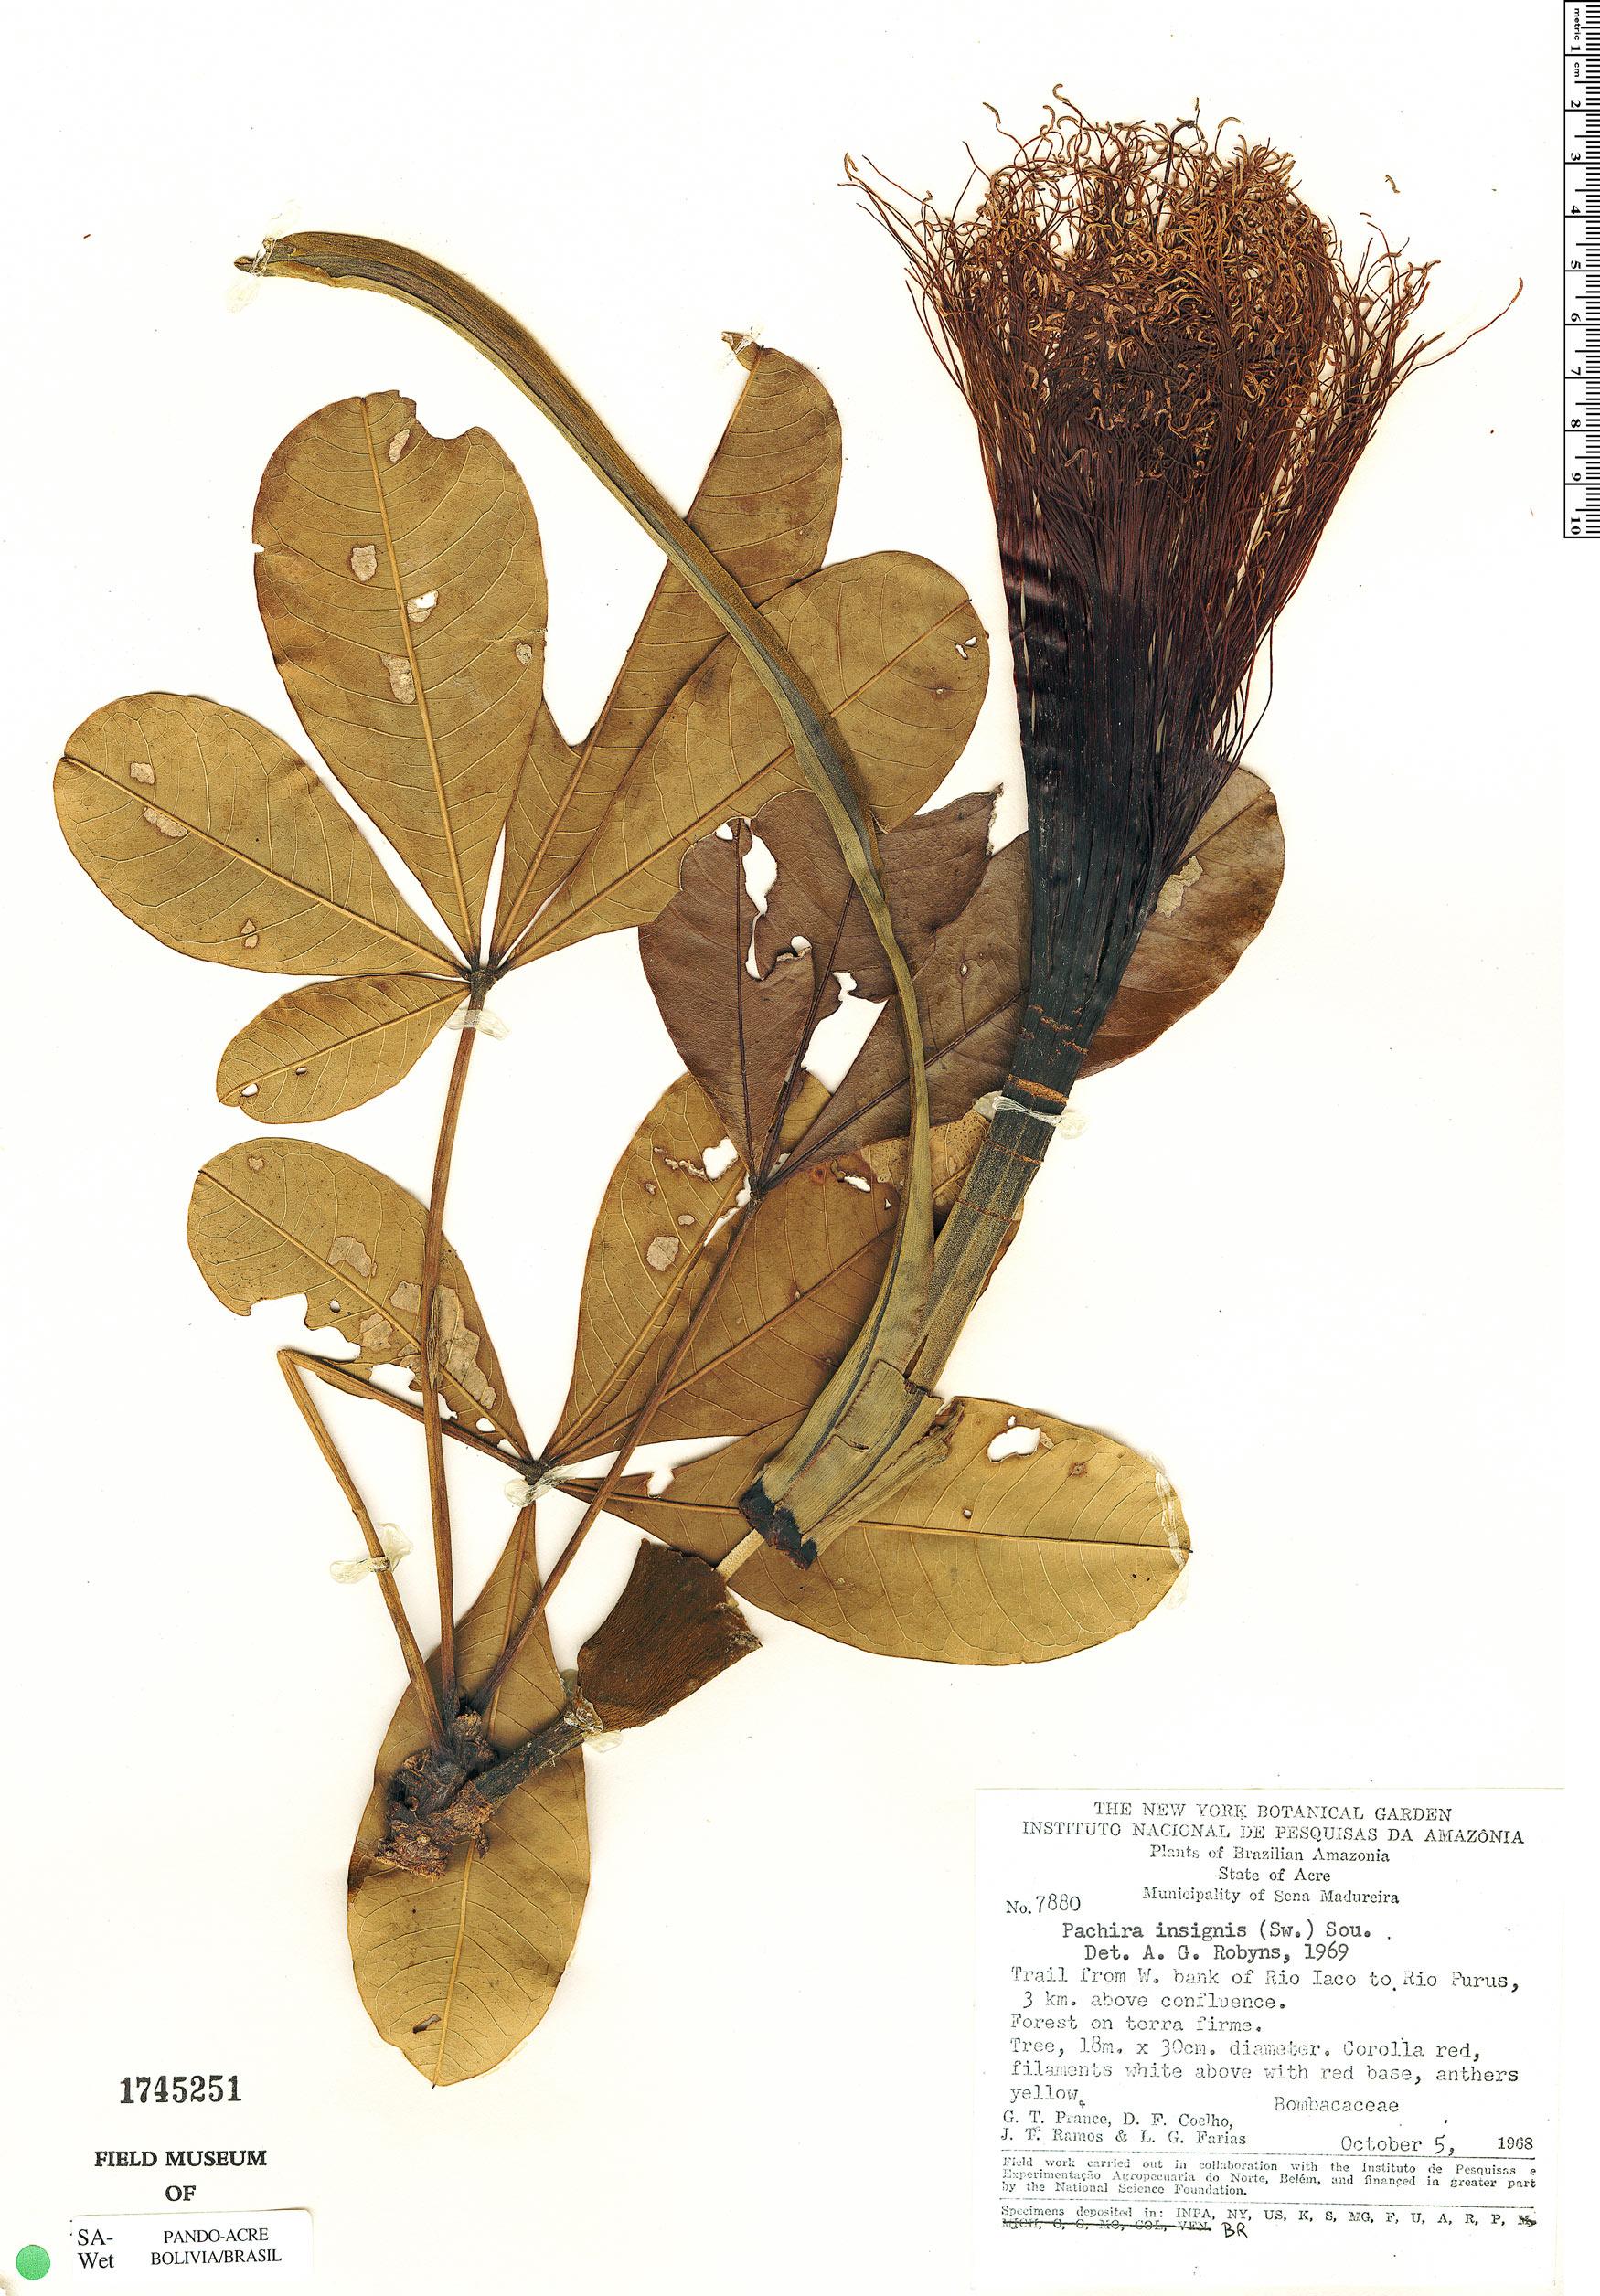 Espécimen: Pachira insignis